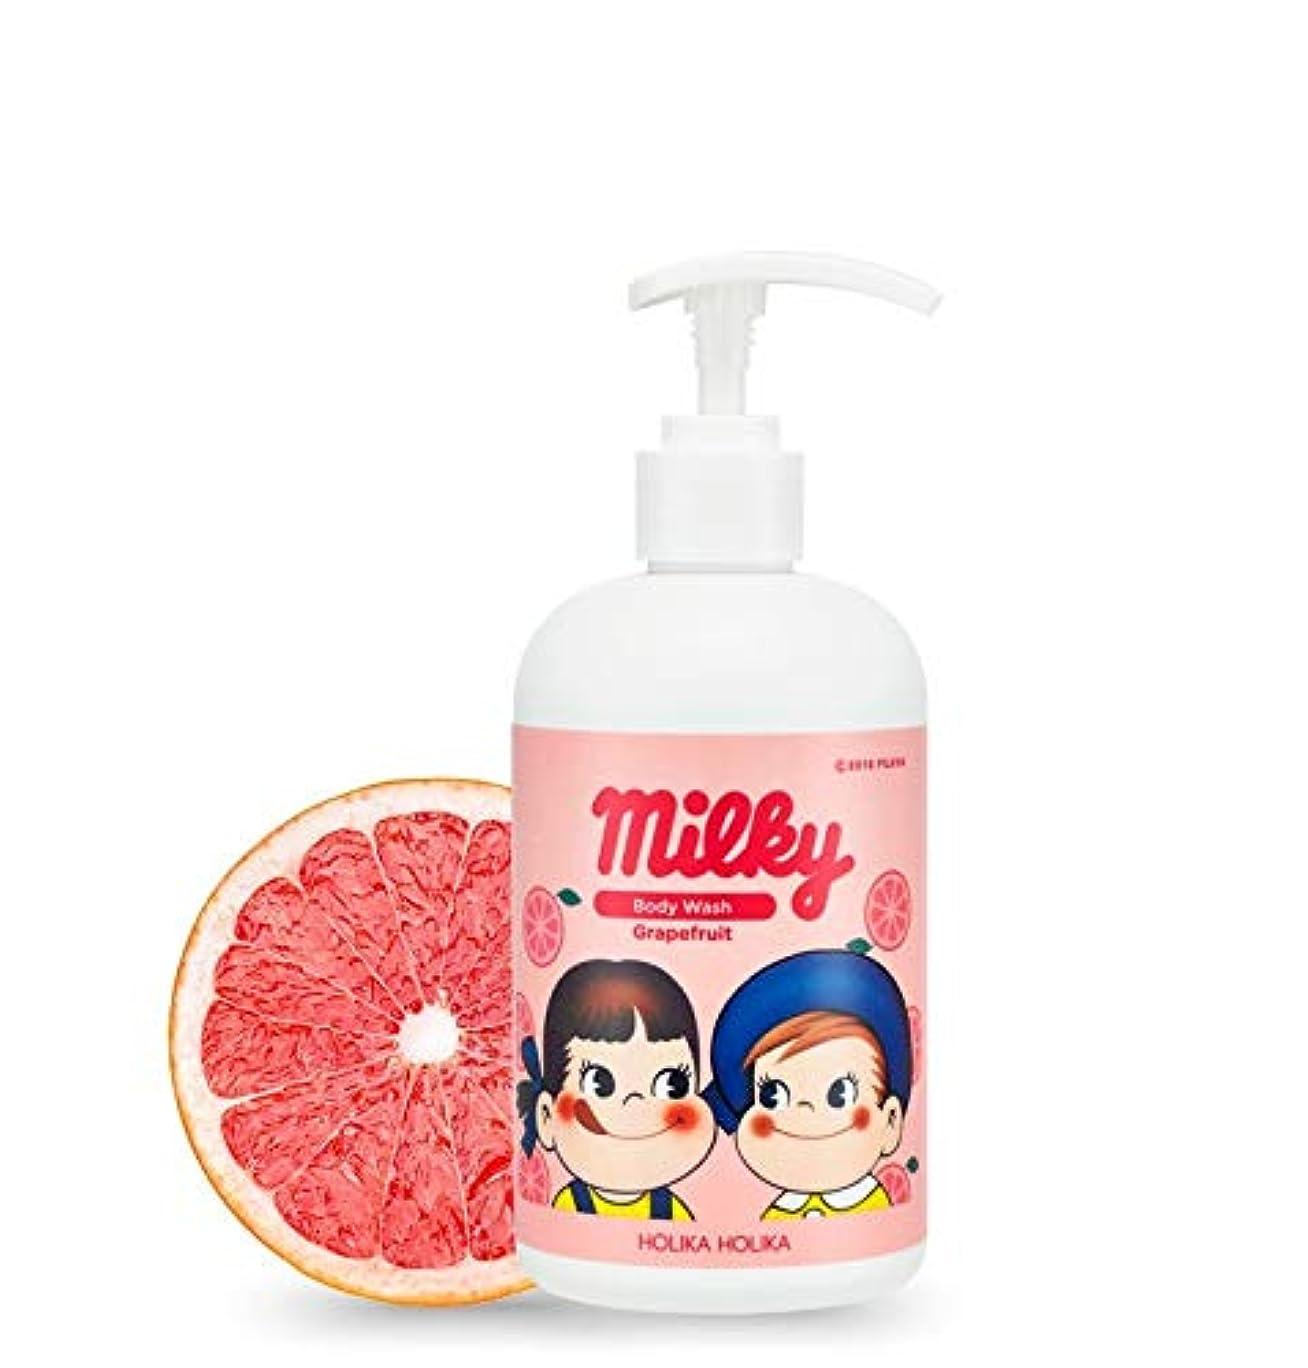 差別ドアミラー拍車Holika Holika [Sweet Peko Edition] Body Wash GrapeFruit/ホリカホリカ [スイートペコ?エディション] ボディウォッシュグレープフルーツ 350ml [並行輸入品]